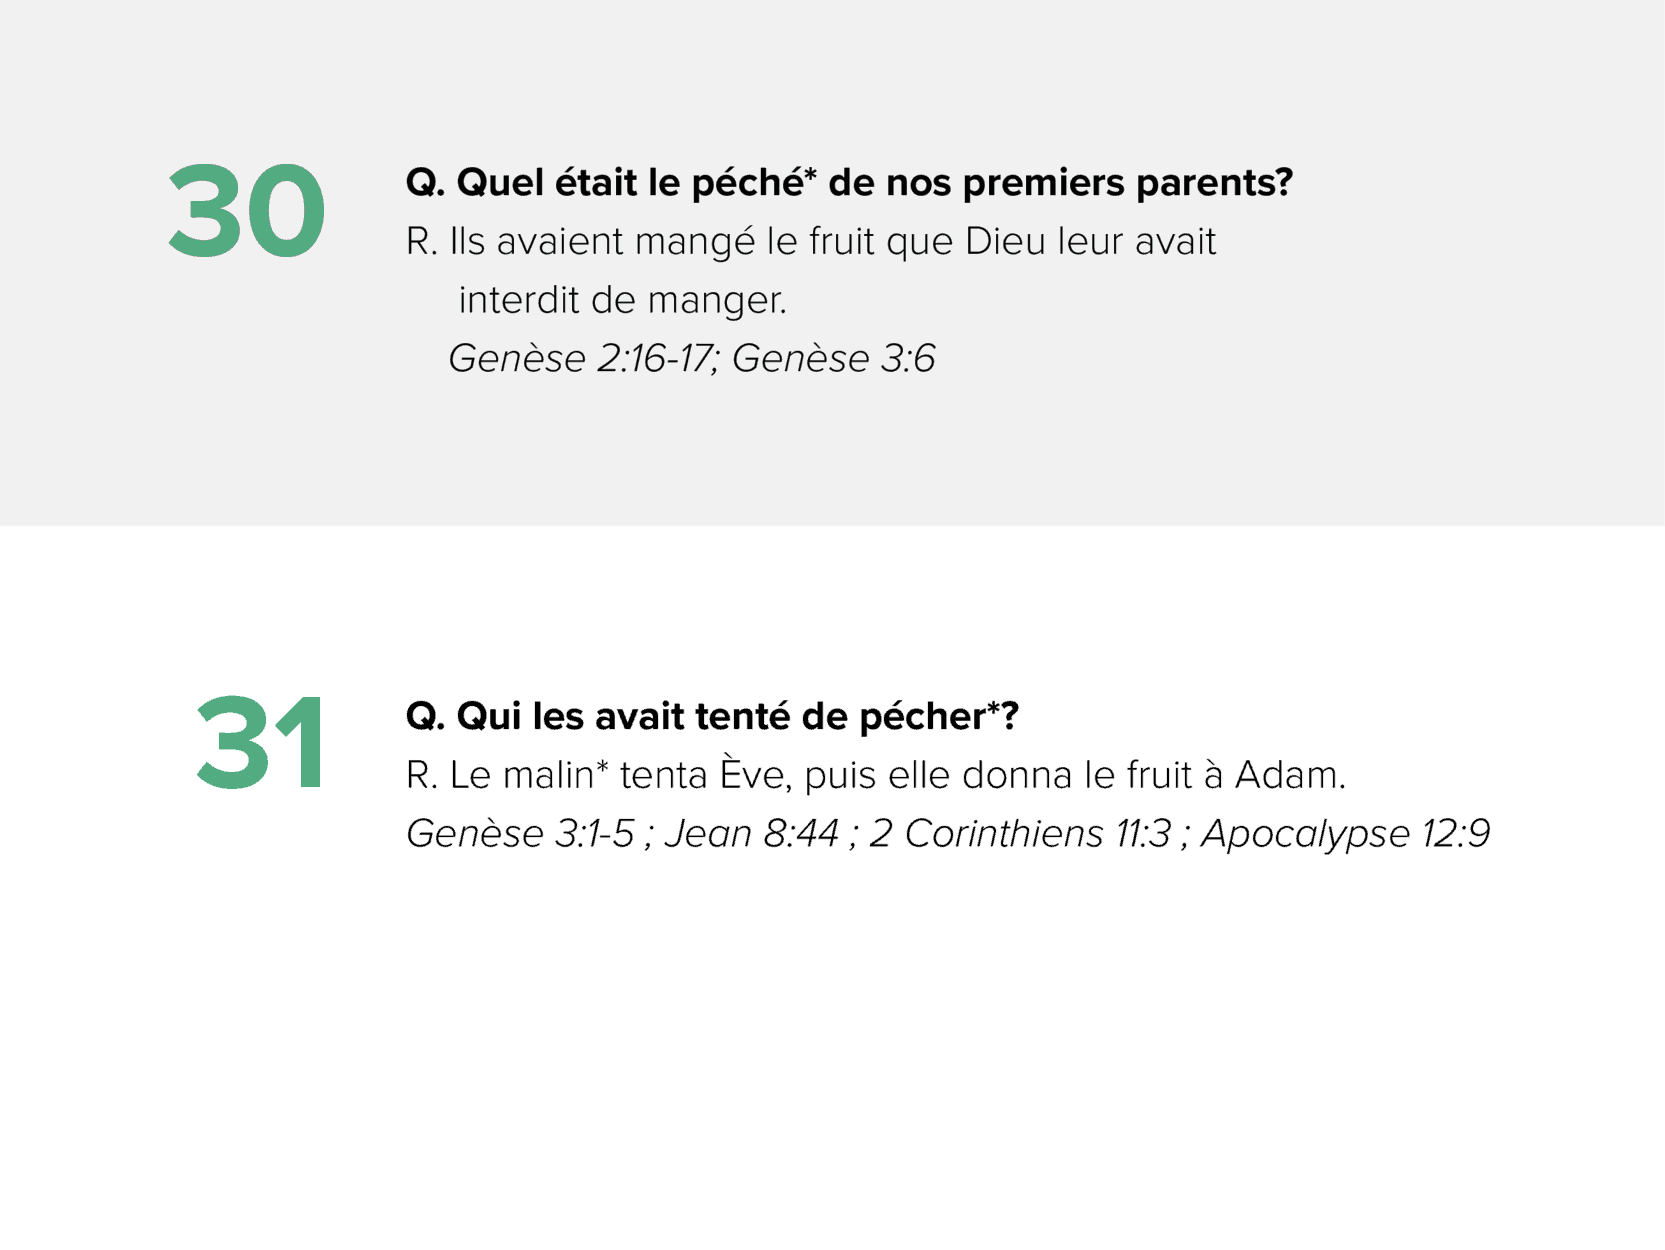 Q&A_30-31F